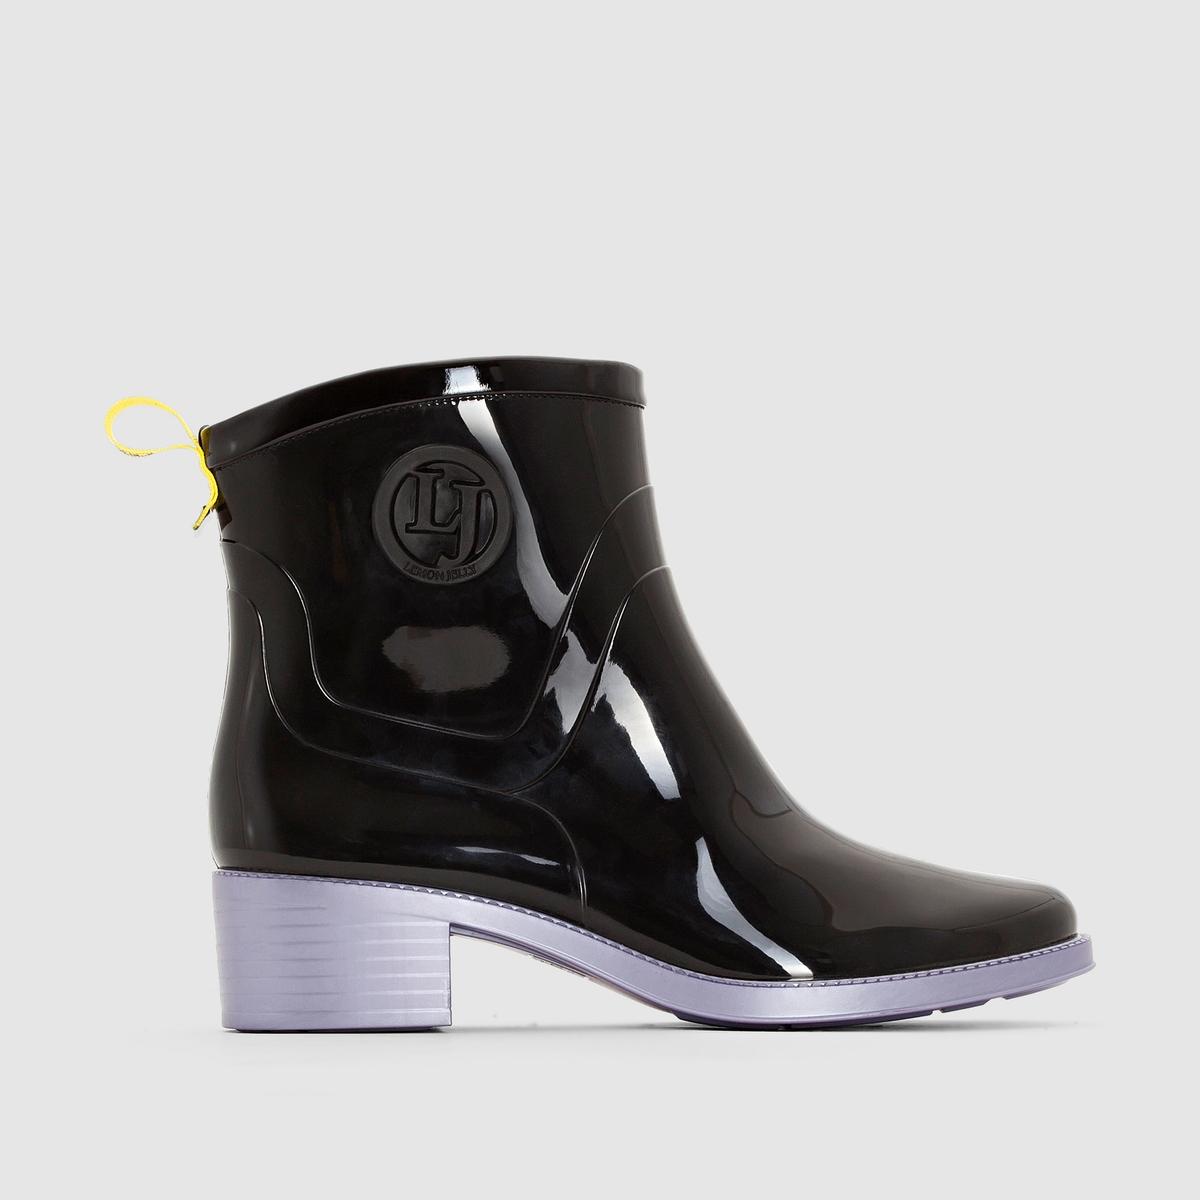 Ботильоны LEMON JELLY IARAПреимущества : ботильоны LEMON JELLY, идеальные для дождливых дней, а также очень модные в этом сезоне вне зависимости от погоды .<br><br>Цвет: черный/ лиловый<br>Размер: 39